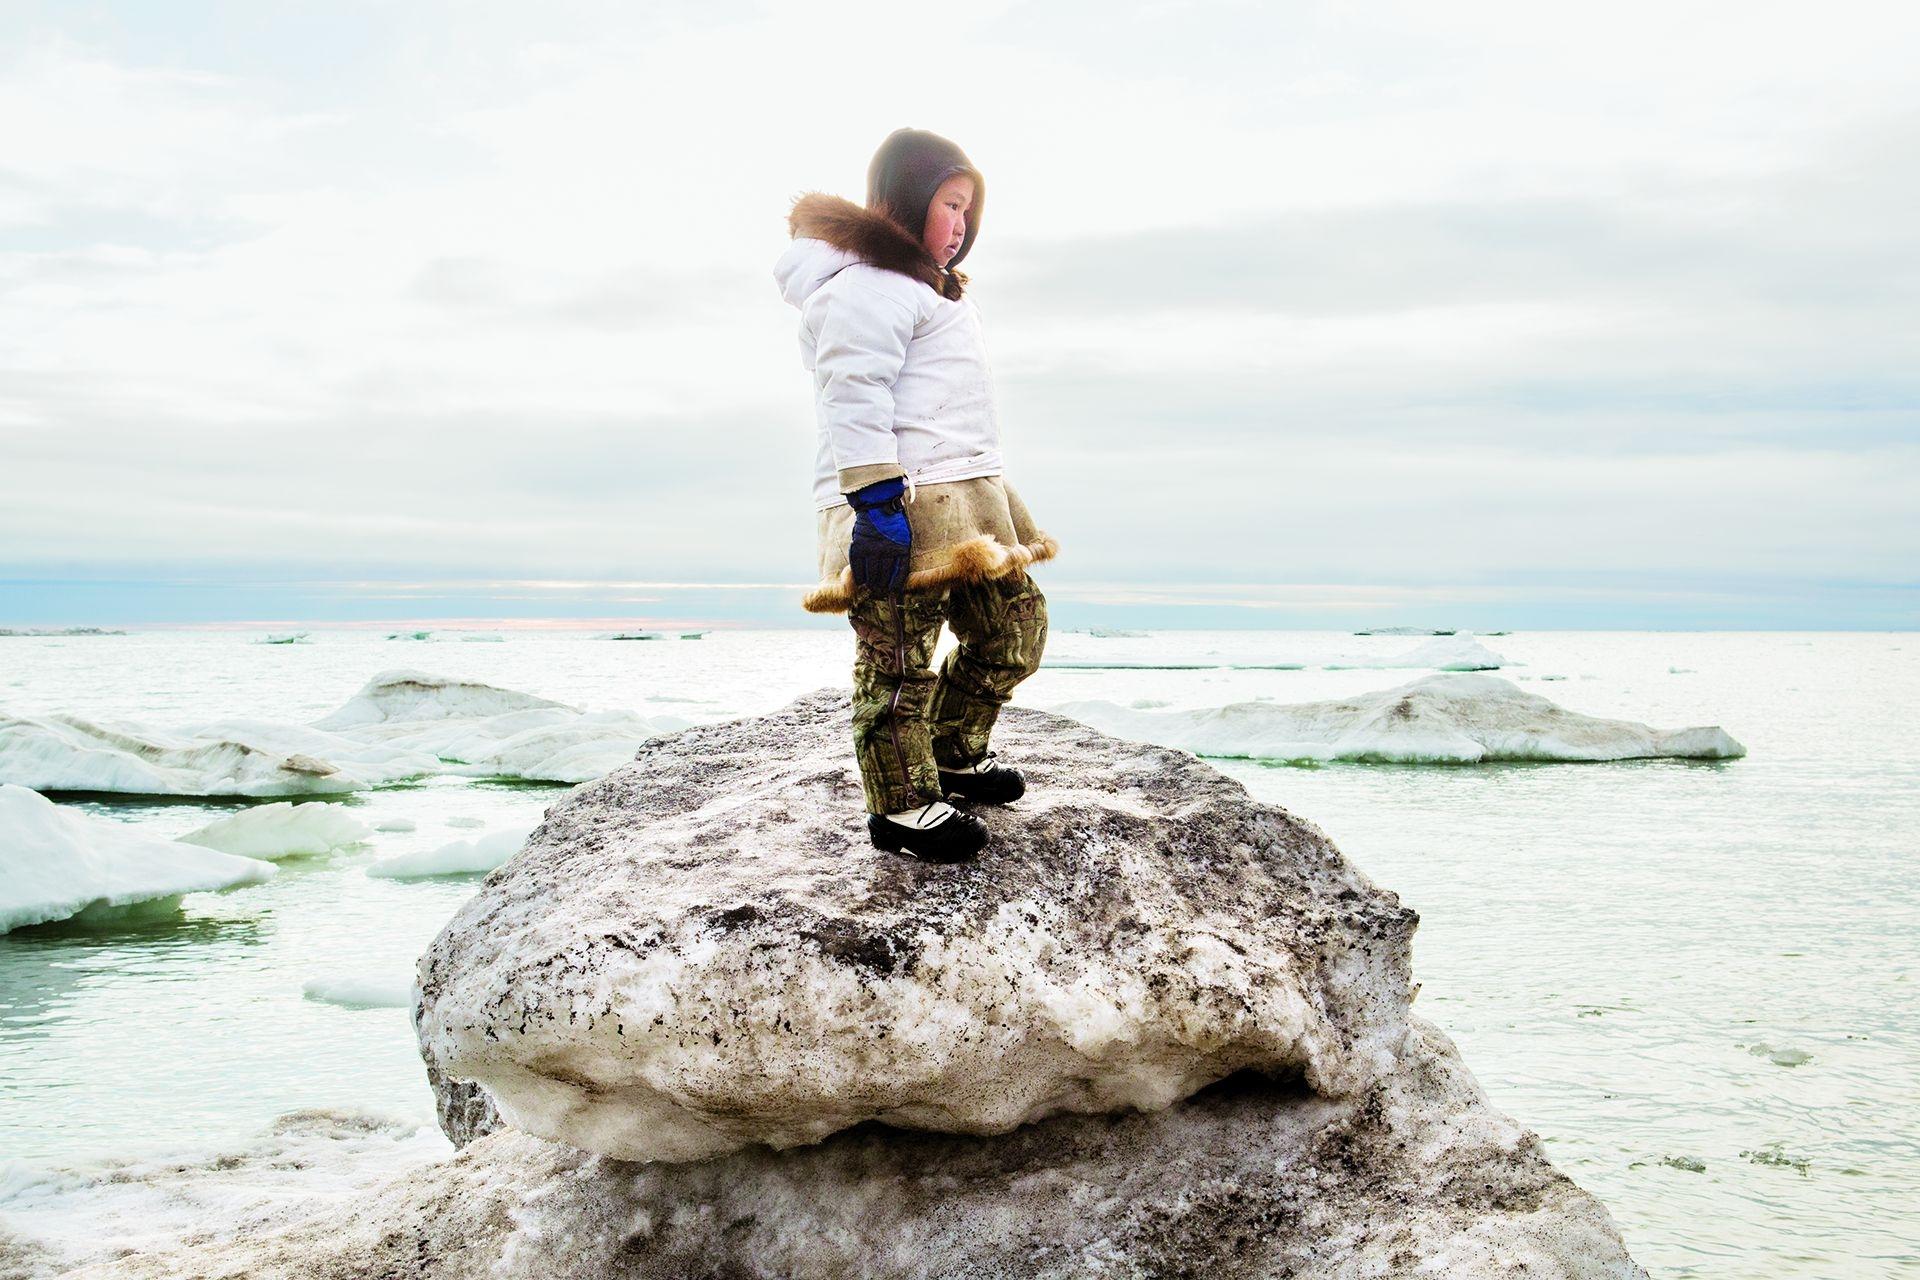 這名因紐特少年與狩獵隊一同在阿拉斯加巴羅市附近的北冰洋追捕髯海豹但沒能成功。全球暖化影響了因紐特人狩獵,這是他們最主要的食物來源。攝影:凱蒂.奧林斯基 KATIE ORLINSKY